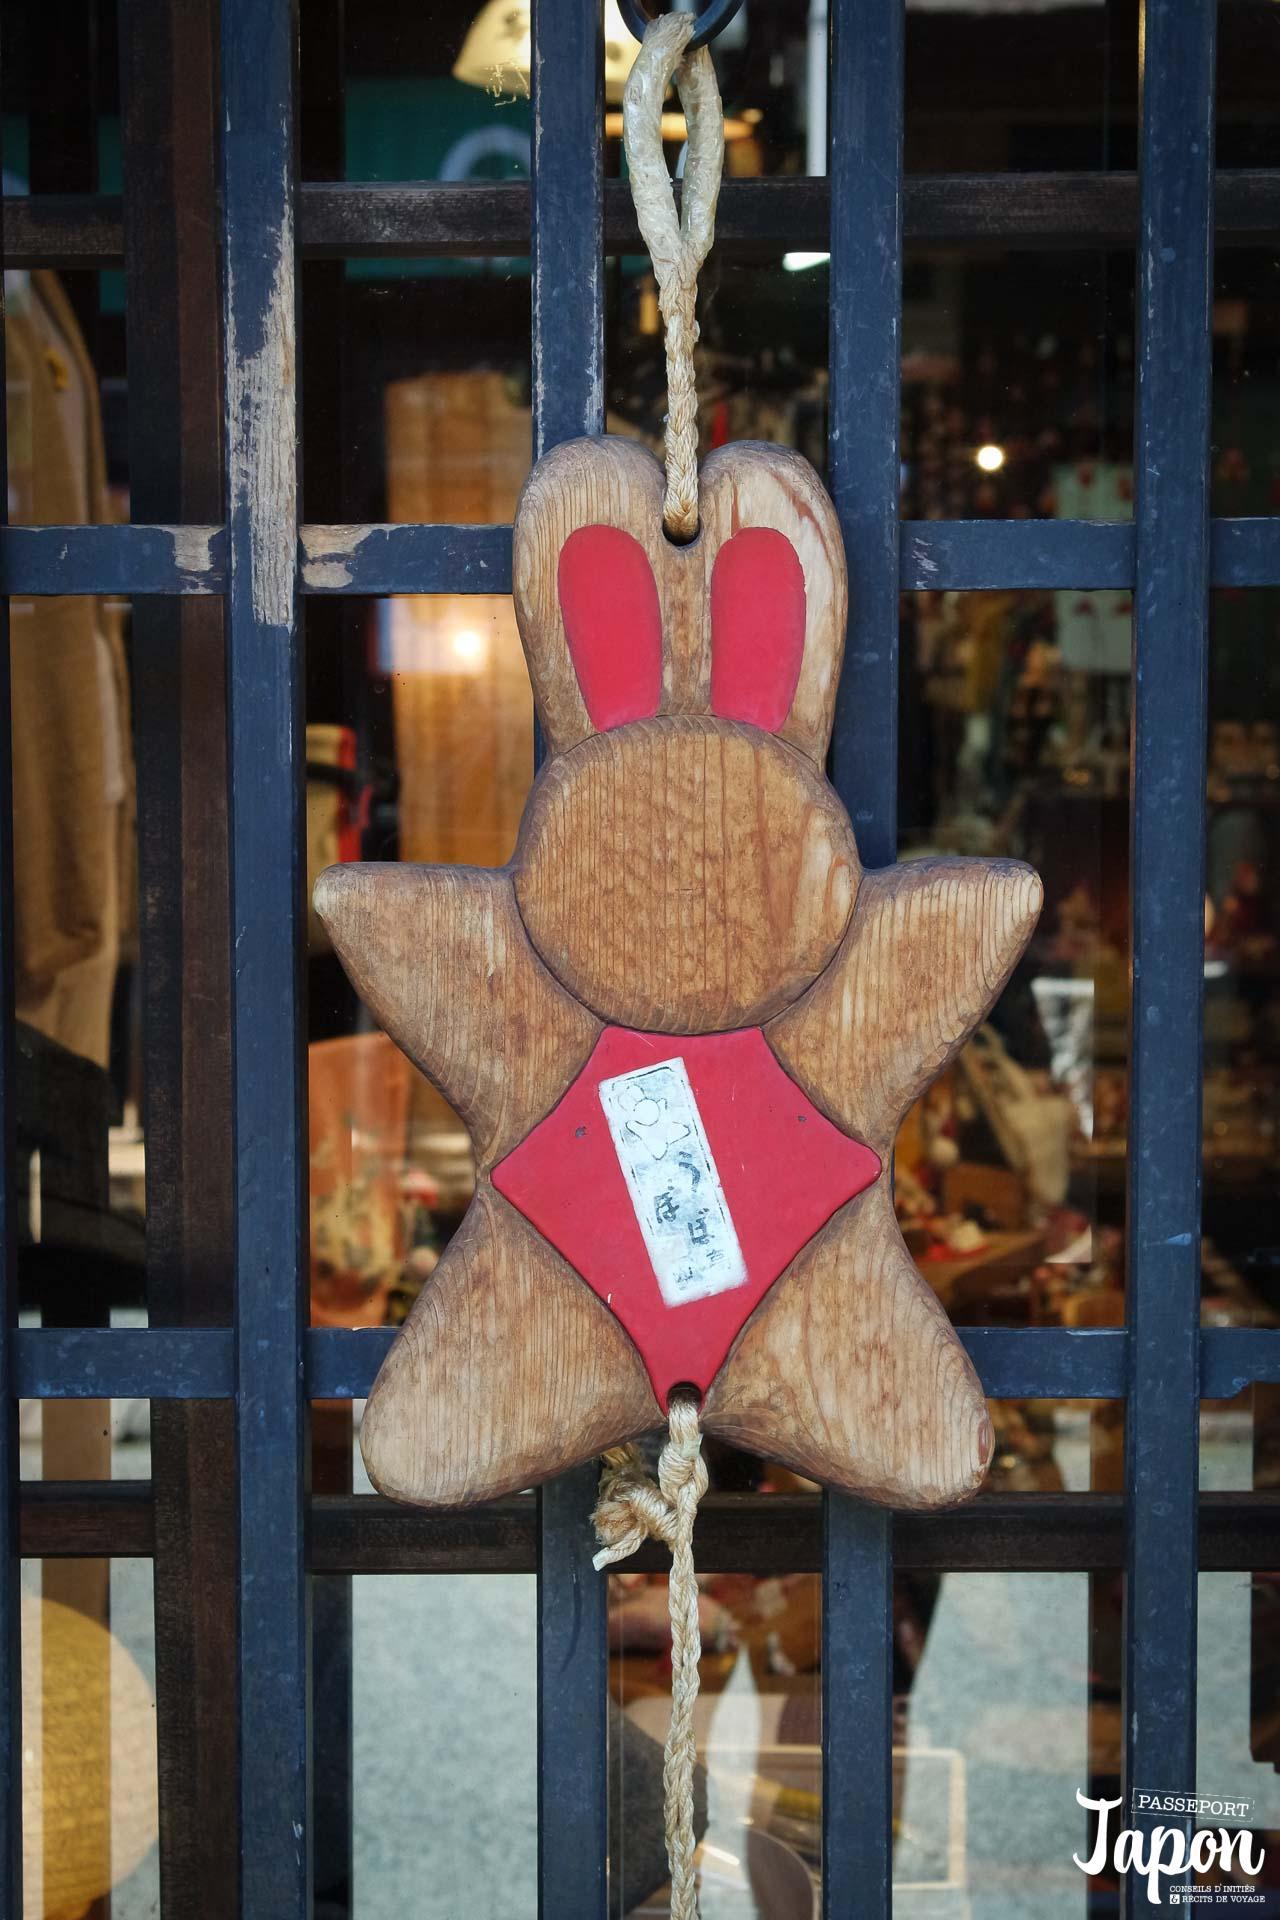 Décoration en forme de lapin en bois, rue commerçante, Takayama, préfecture de Gifu